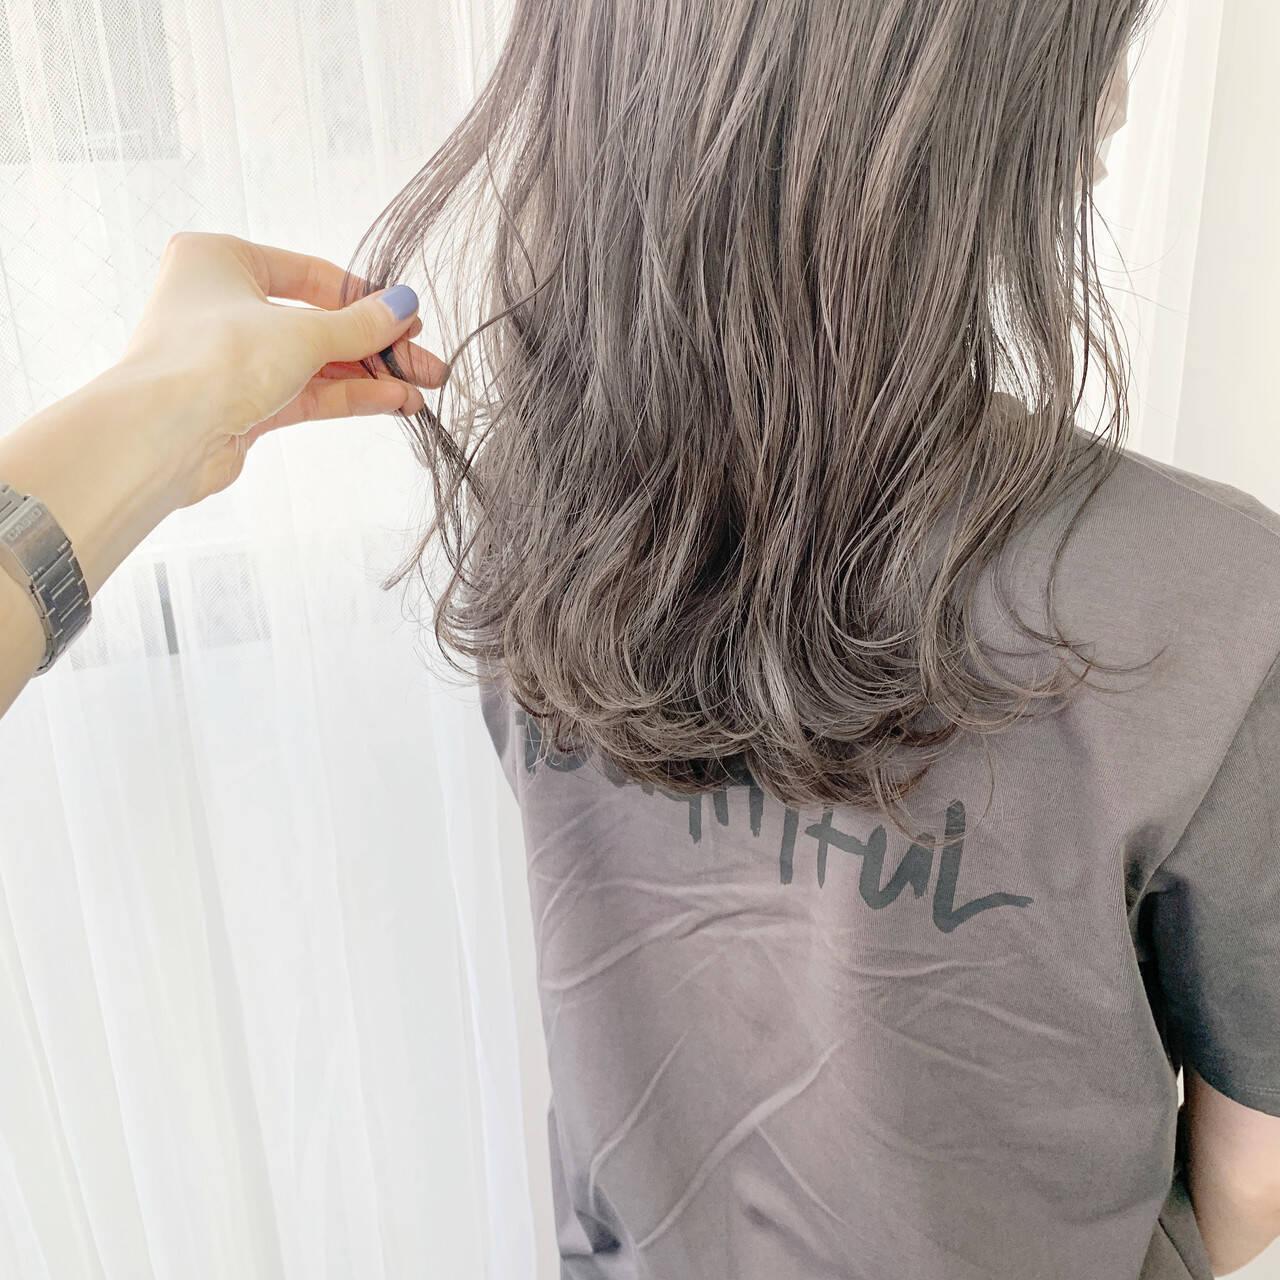 ナチュラル ラベンダーグレージュ ミディアムレイヤー グレージュヘアスタイルや髪型の写真・画像